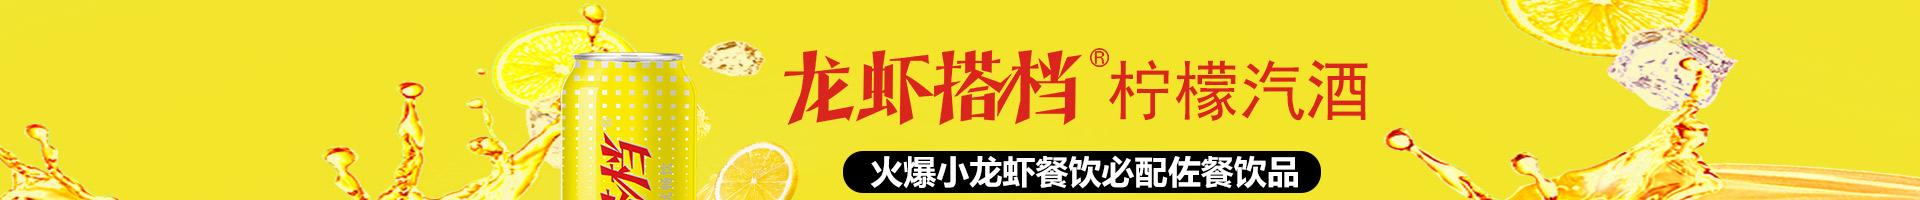 神滴(上海)供应链管理有限公司